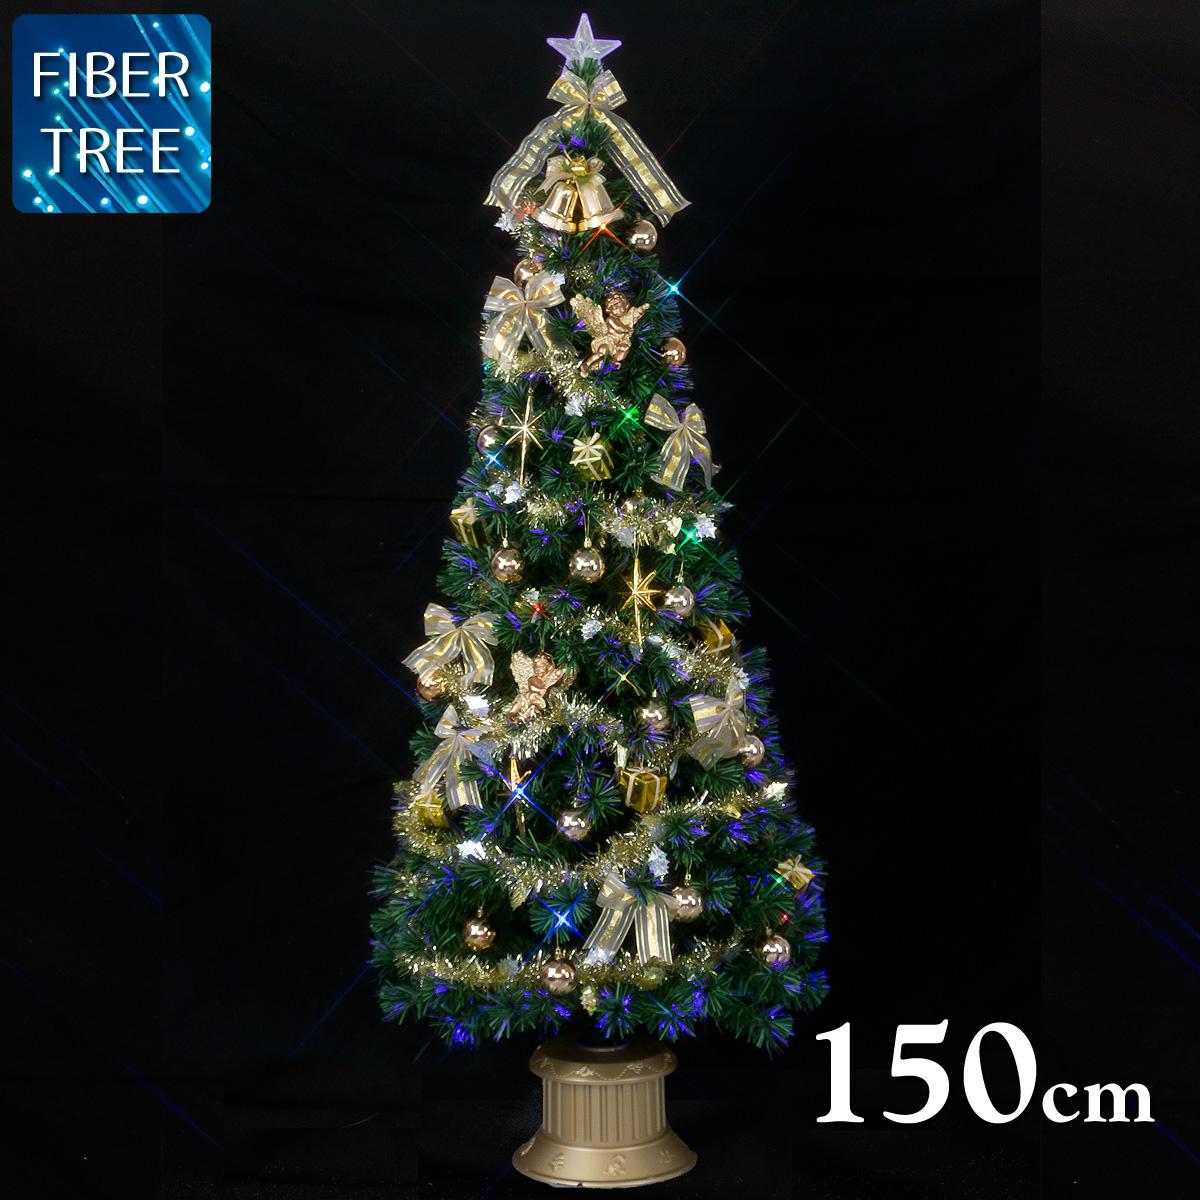 クリスマスツリー ファイバーツリーセット 150cm ゴールド LED オーナメント付 北欧 おしゃれ 【10月下旬入荷予定】